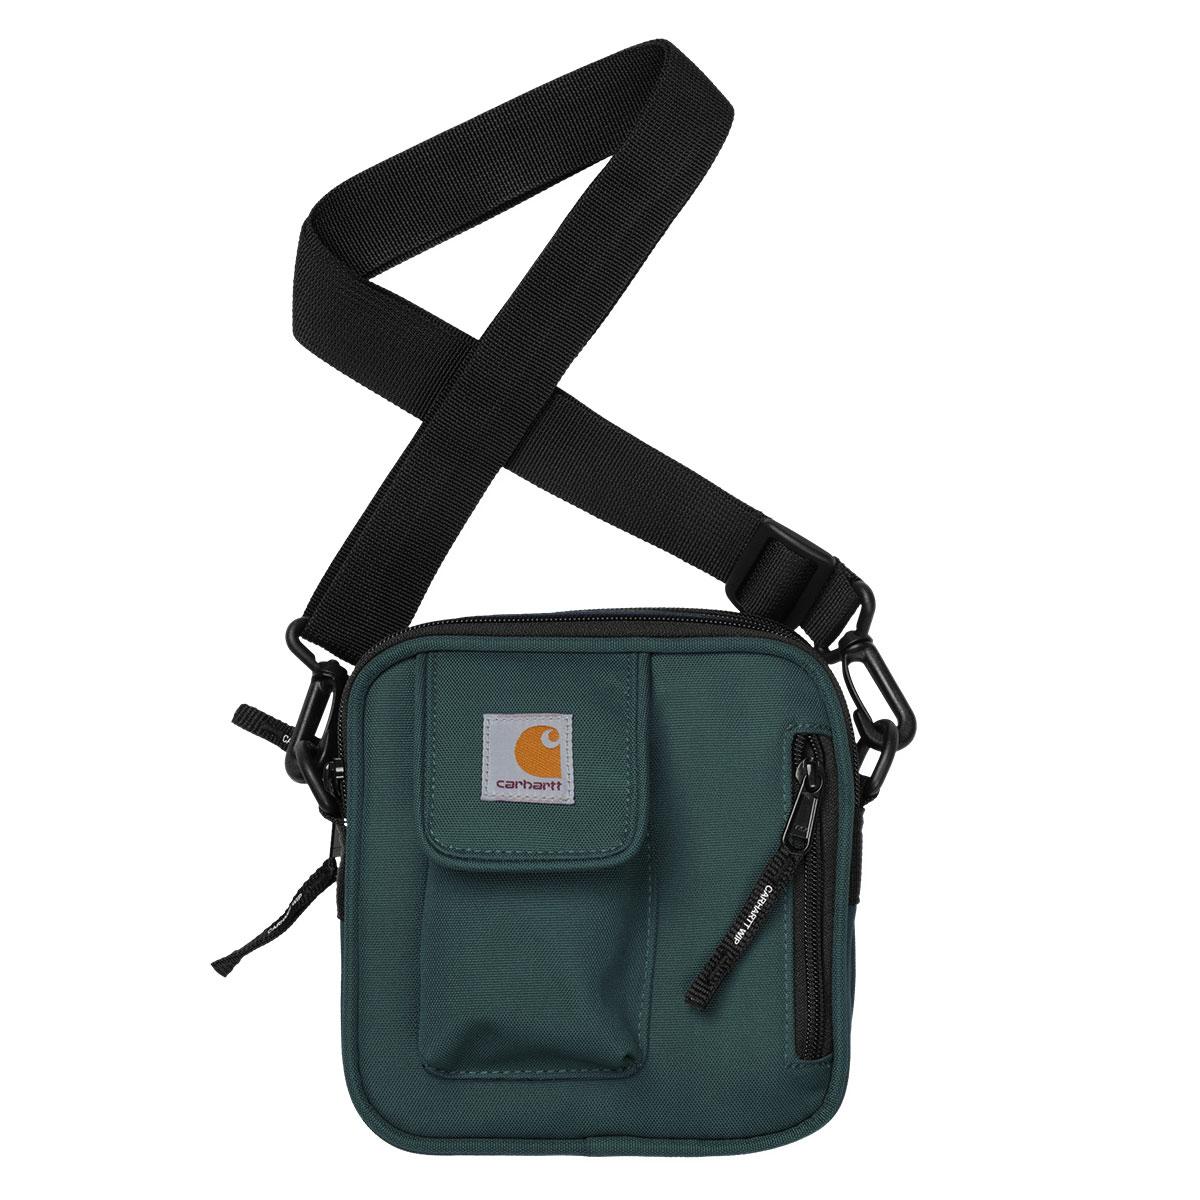 カーハート ショルダーバッグ メンズ レディース 正規品 CARHARTT WIP ショルダーバッグ ESSENTIALS BAG SMALL TREEHOUSE i006285-08z00 AB0B B3C C8D D4E E08F